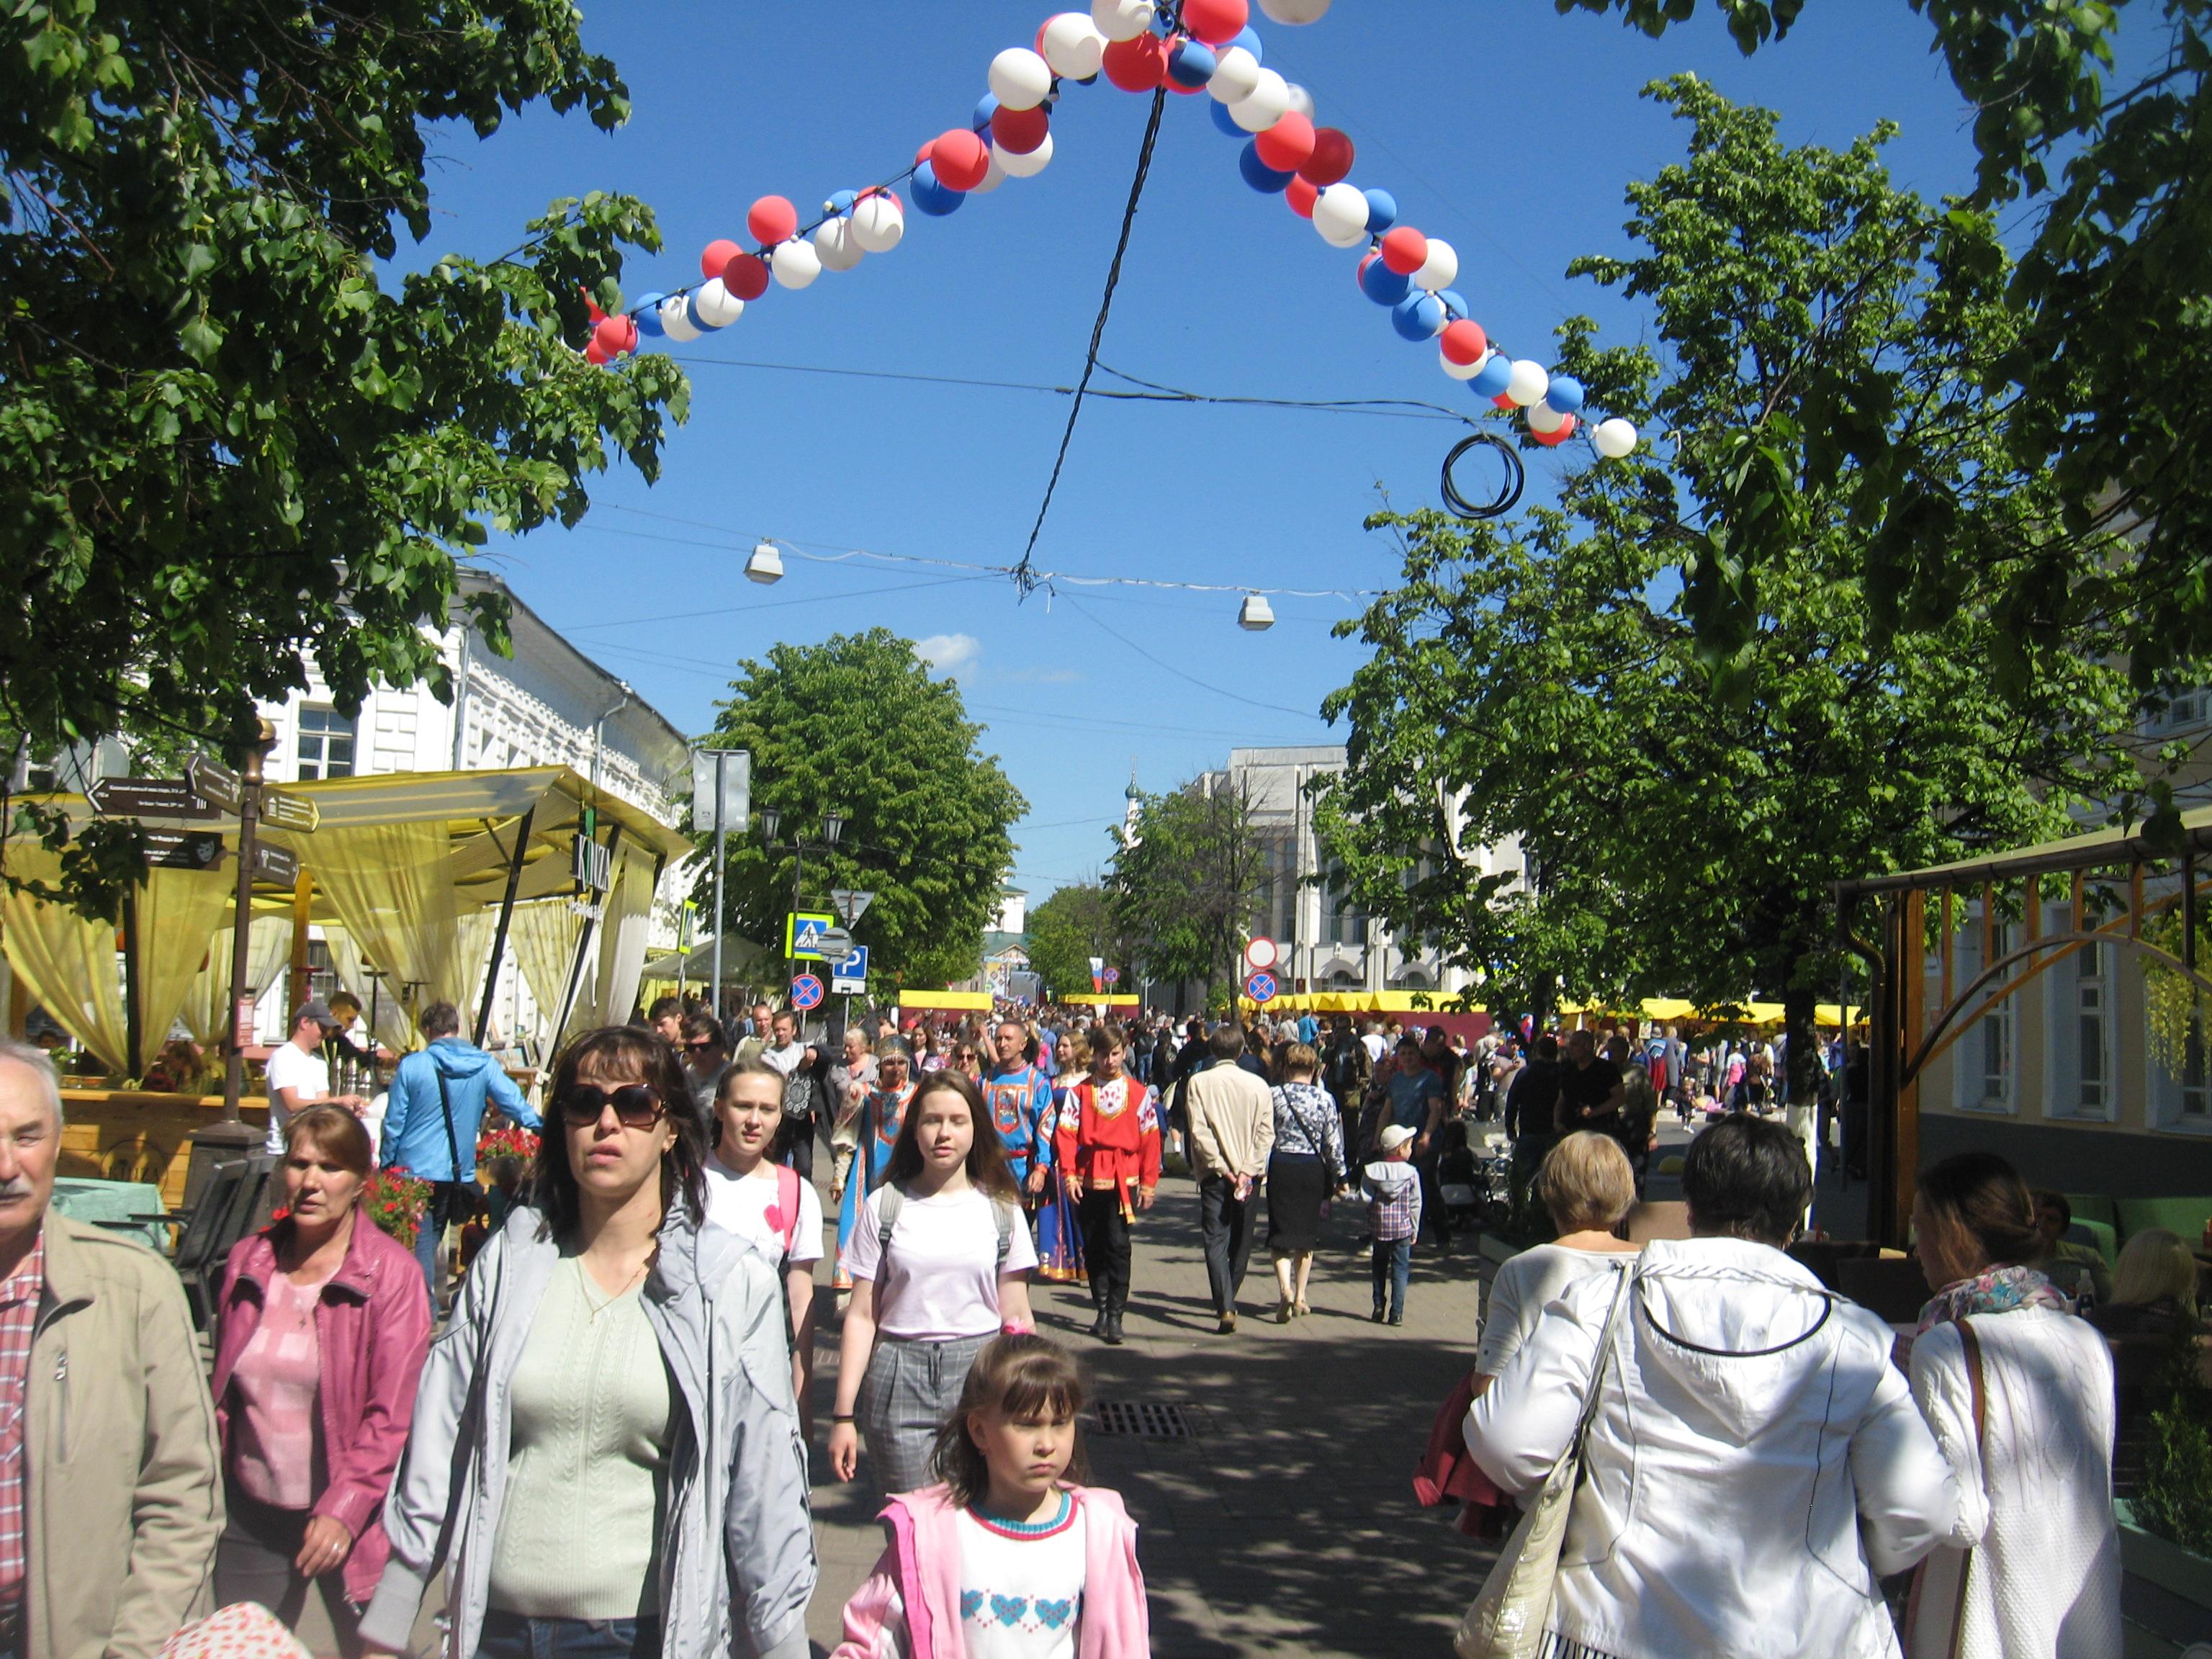 Ярославль отмечает День города (фоторепортаж)